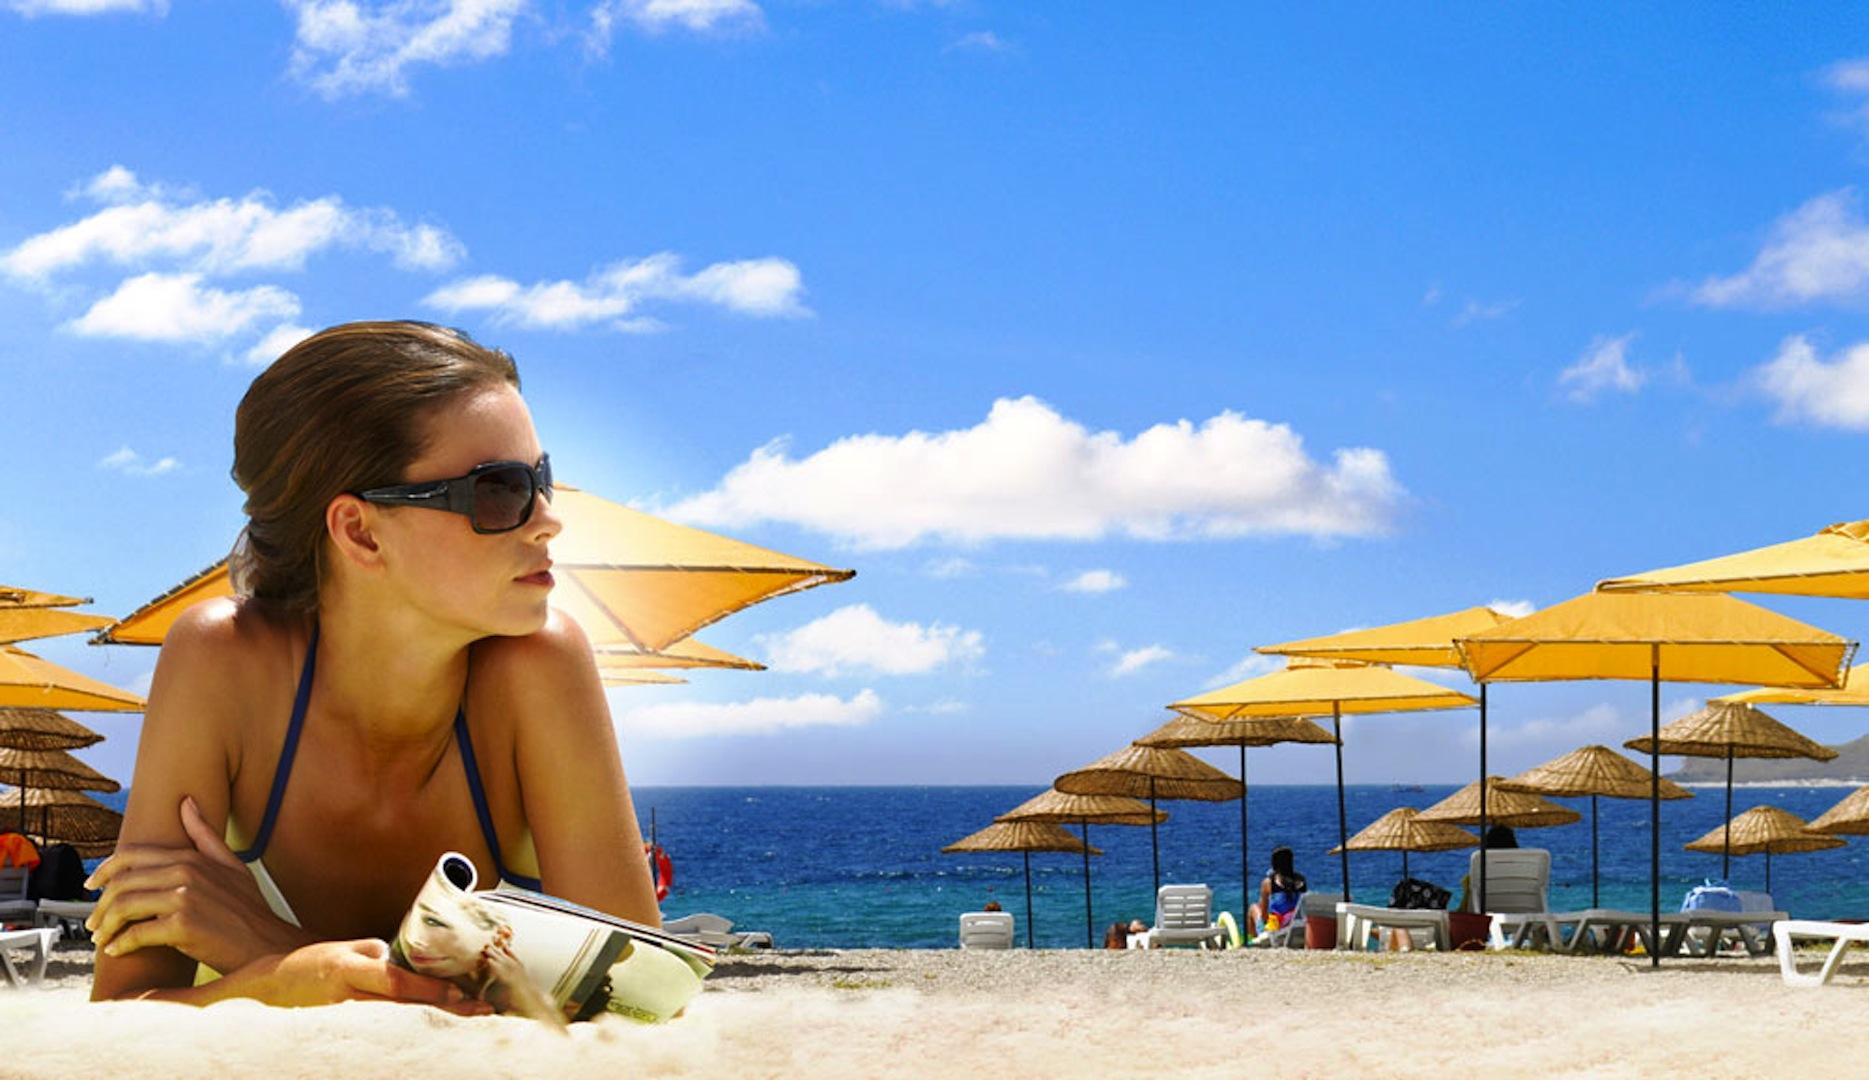 Seyahat Beklentileri Anketi: Yüzde 62 tatile çıkmayı planlıyor